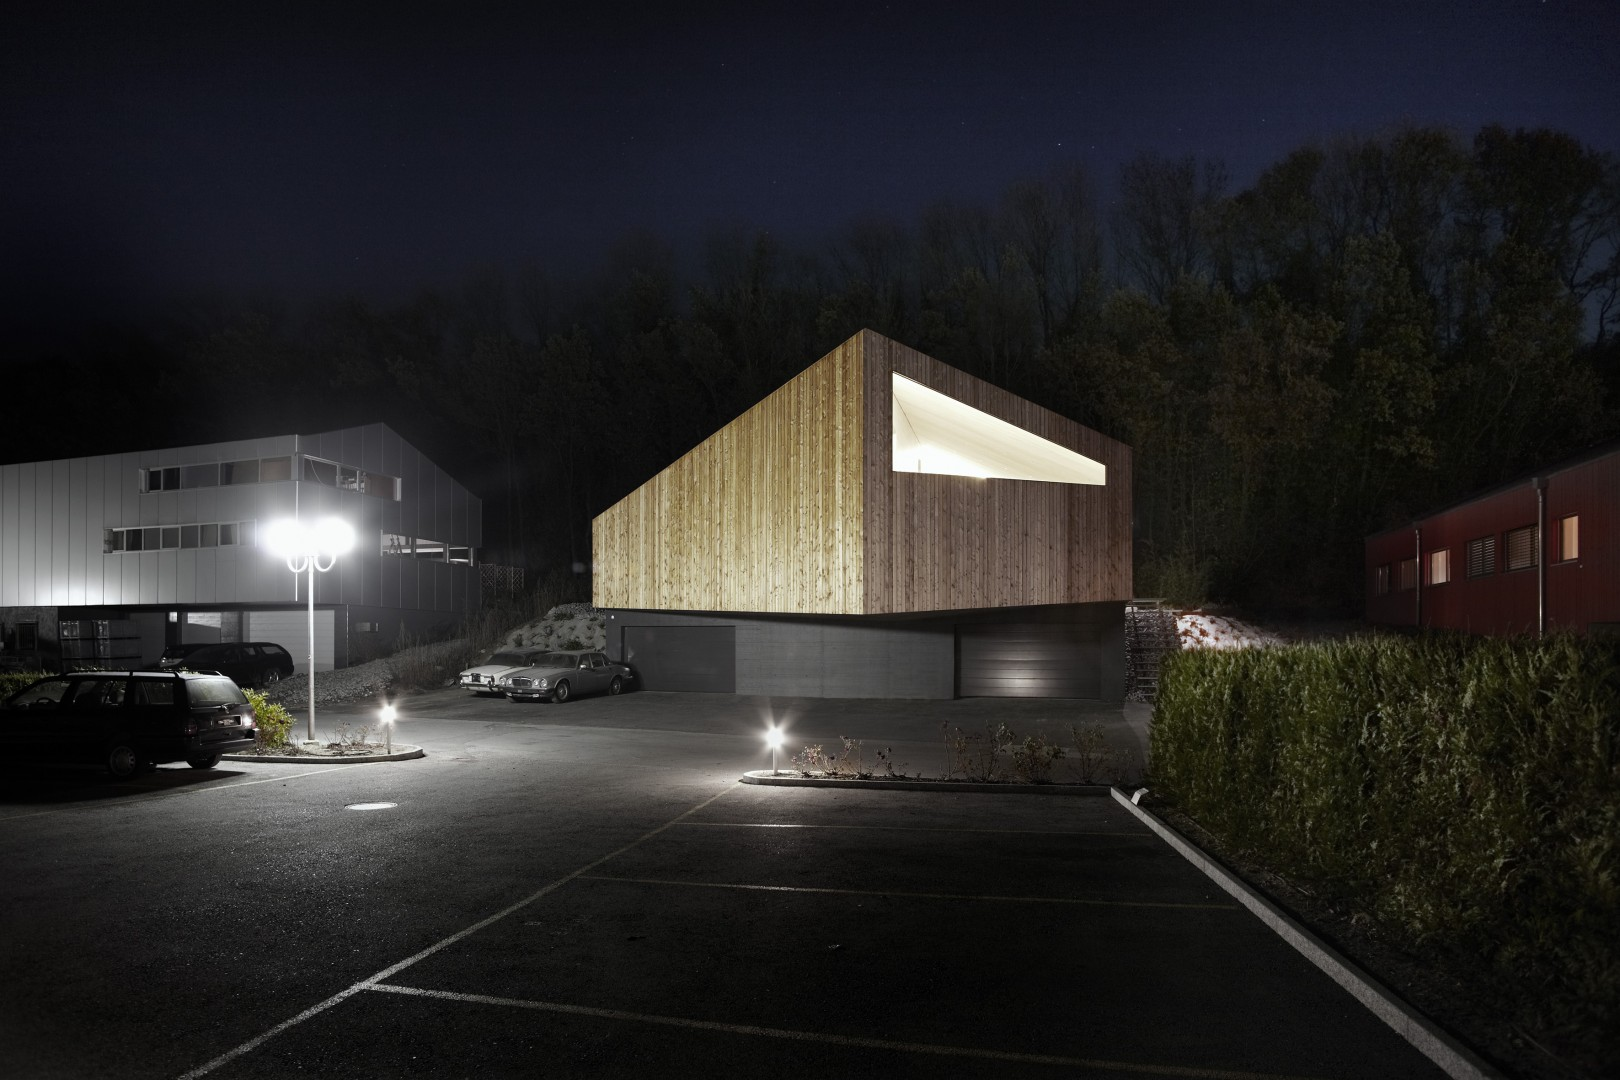 Vue nord: le volume en bois du logement se distingue clairement des garages en béton au niveau de la route © Philippe Joner